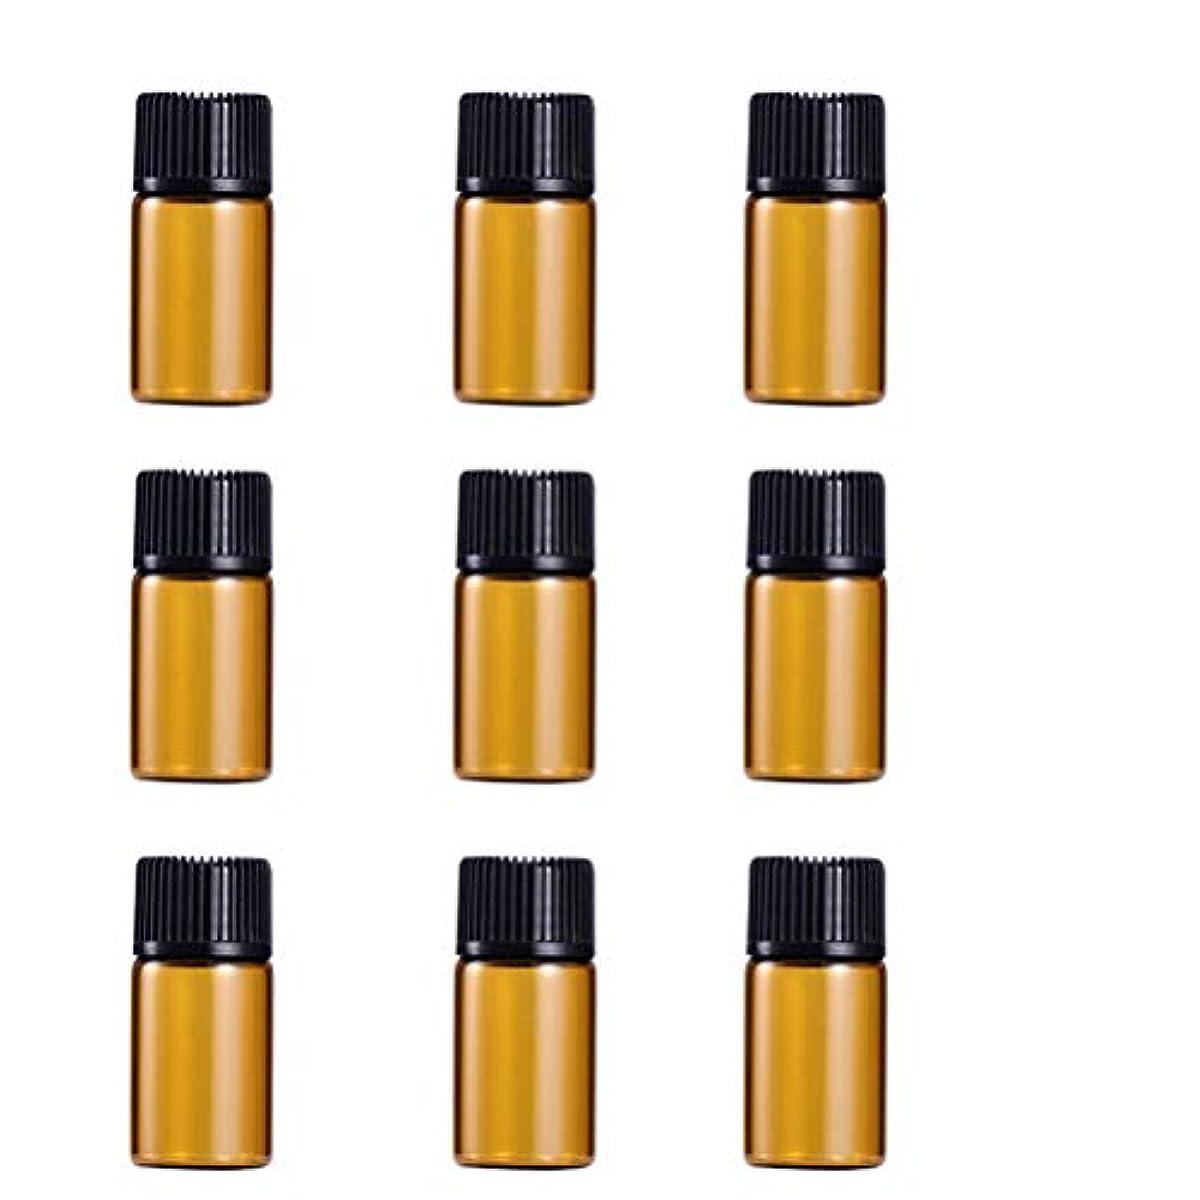 刻むパウダーインシデントWINOMO 遮光瓶 アロマオイル 精油 小分け用 遮光瓶セット アロマボトル 保存容器 エッセンシャルオイル 香水 保存用 詰替え ガラス 茶色(9個入り 3ml)